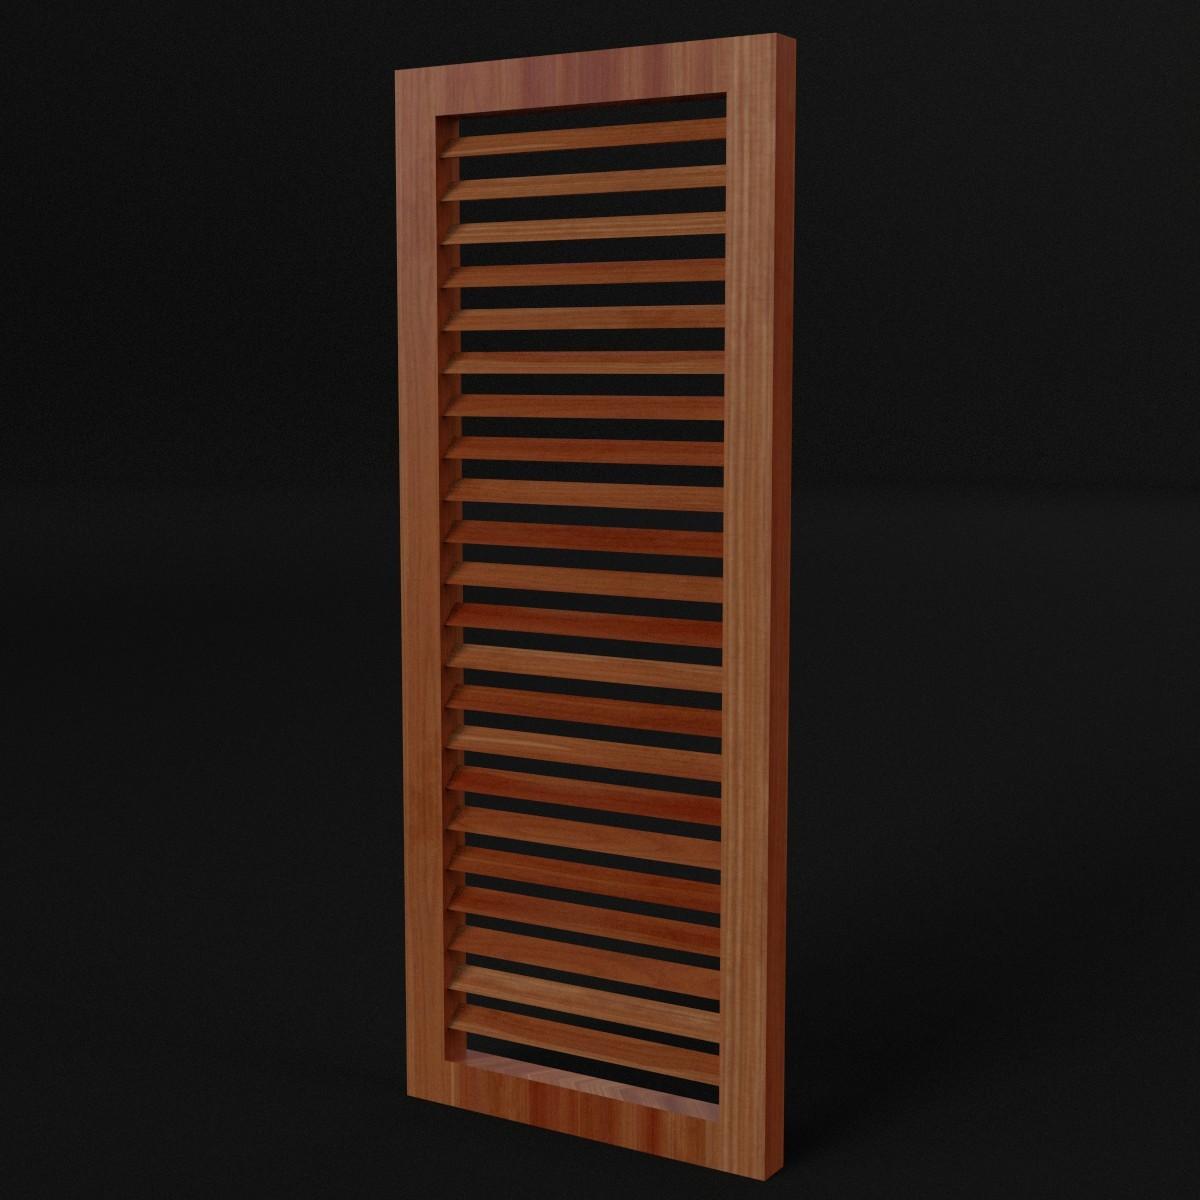 Louver-Louvre-window-blind-shutter-module---00.jpg